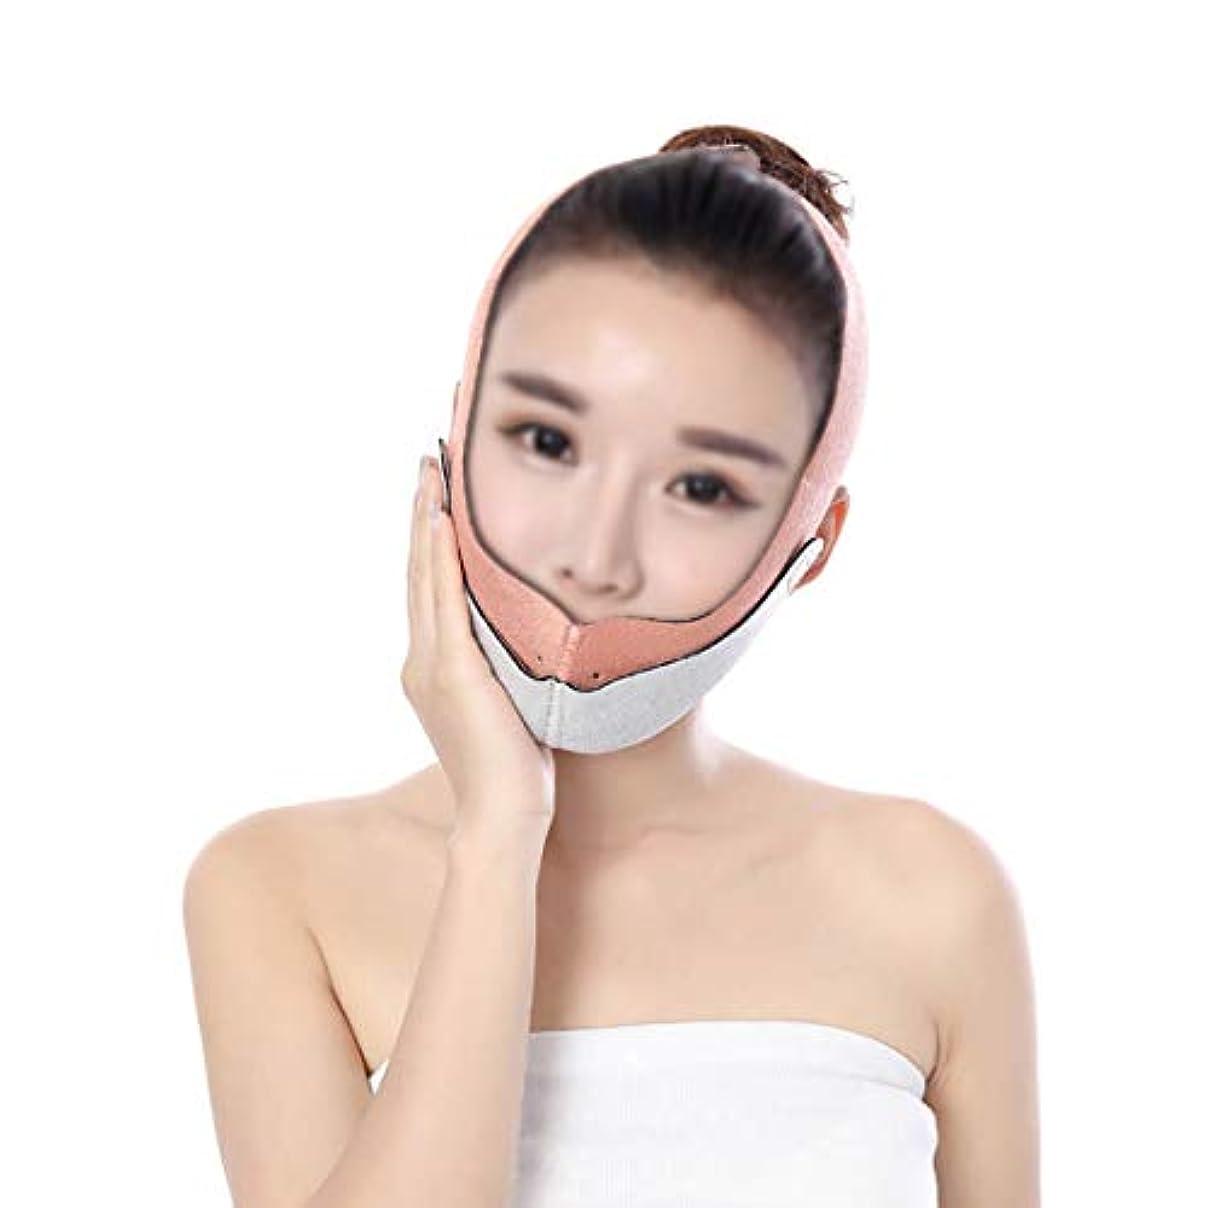 本気交通渋滞一節XHLMRMJ 引き締めフェイスマスク、フェイスリフティングアーティファクト修正フェイスリフティングベルト垂れ防止包帯美容マスクマスクVフェイスクロスツール